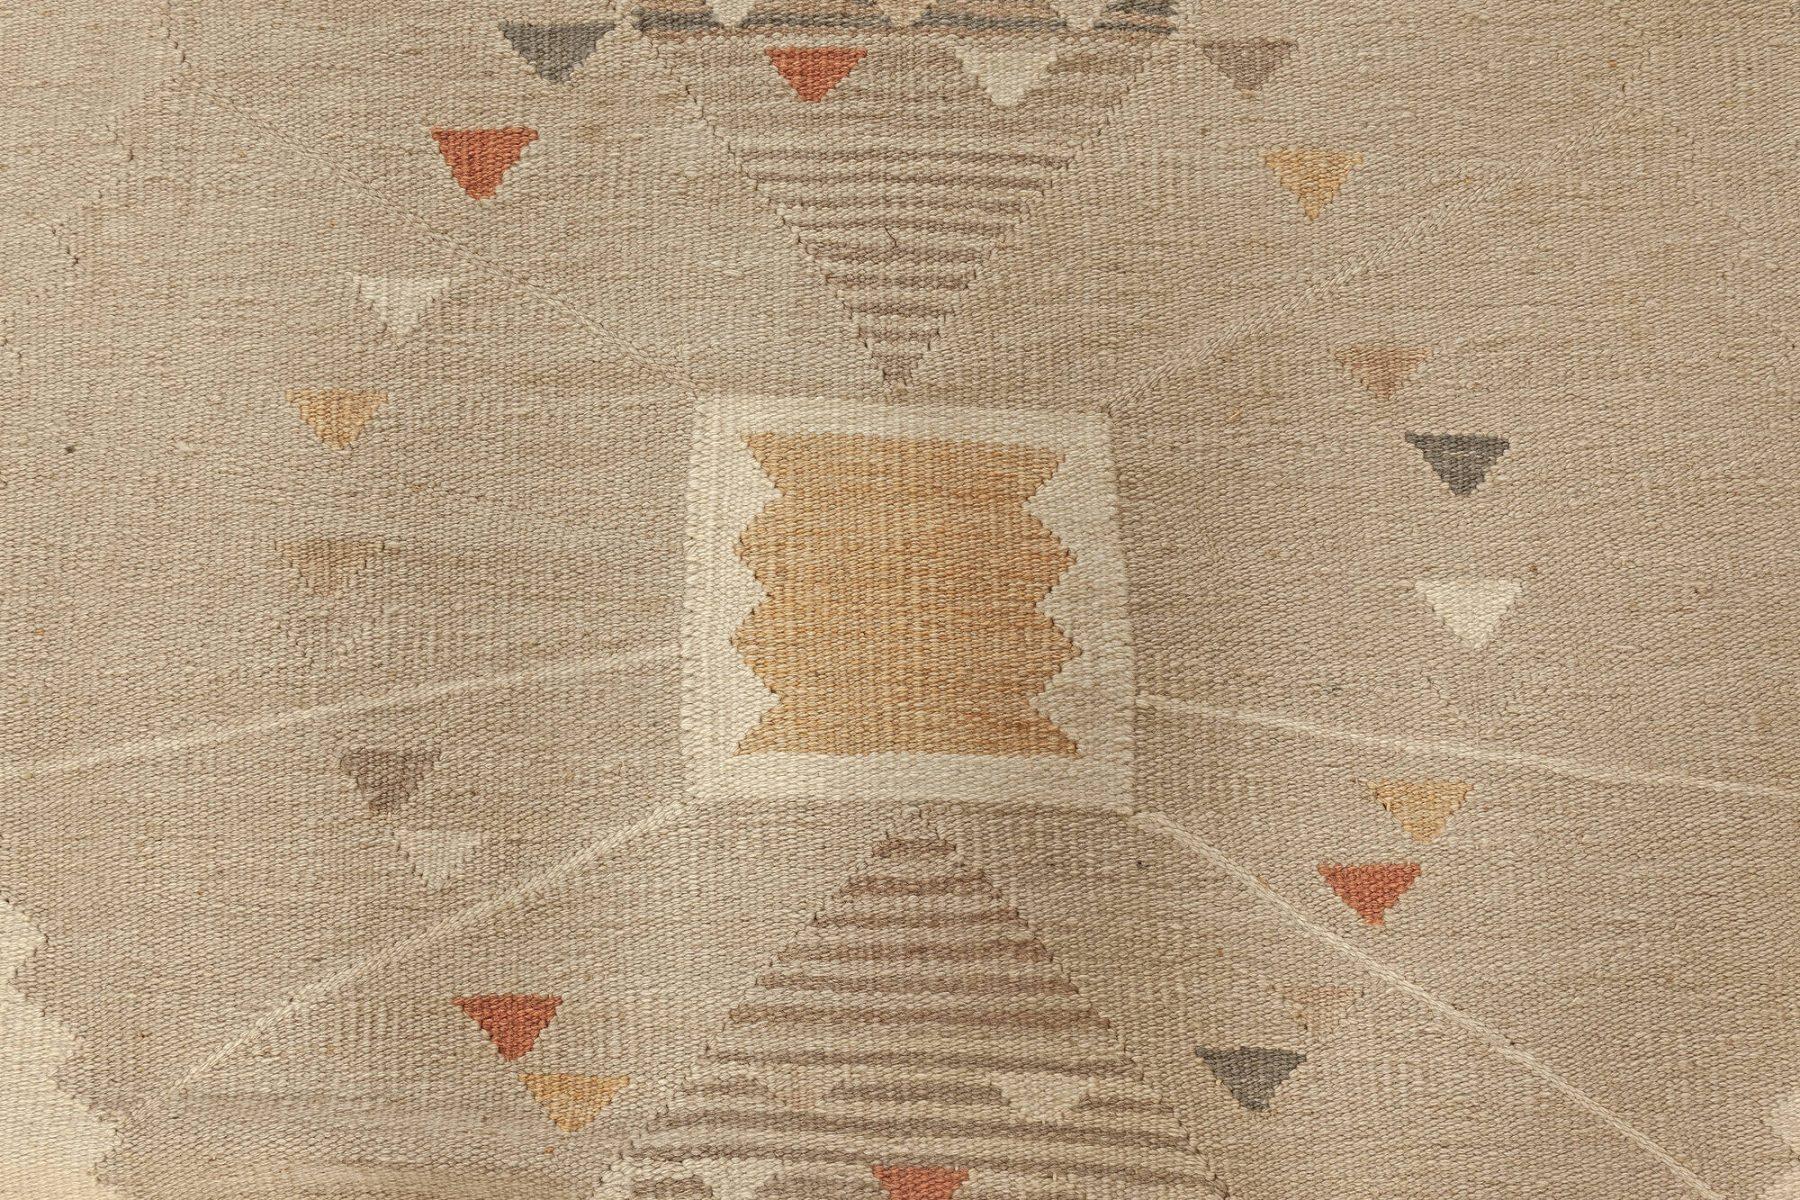 Swedish Beige, Brown and Orange Flat-Weave Wool Rug N12090